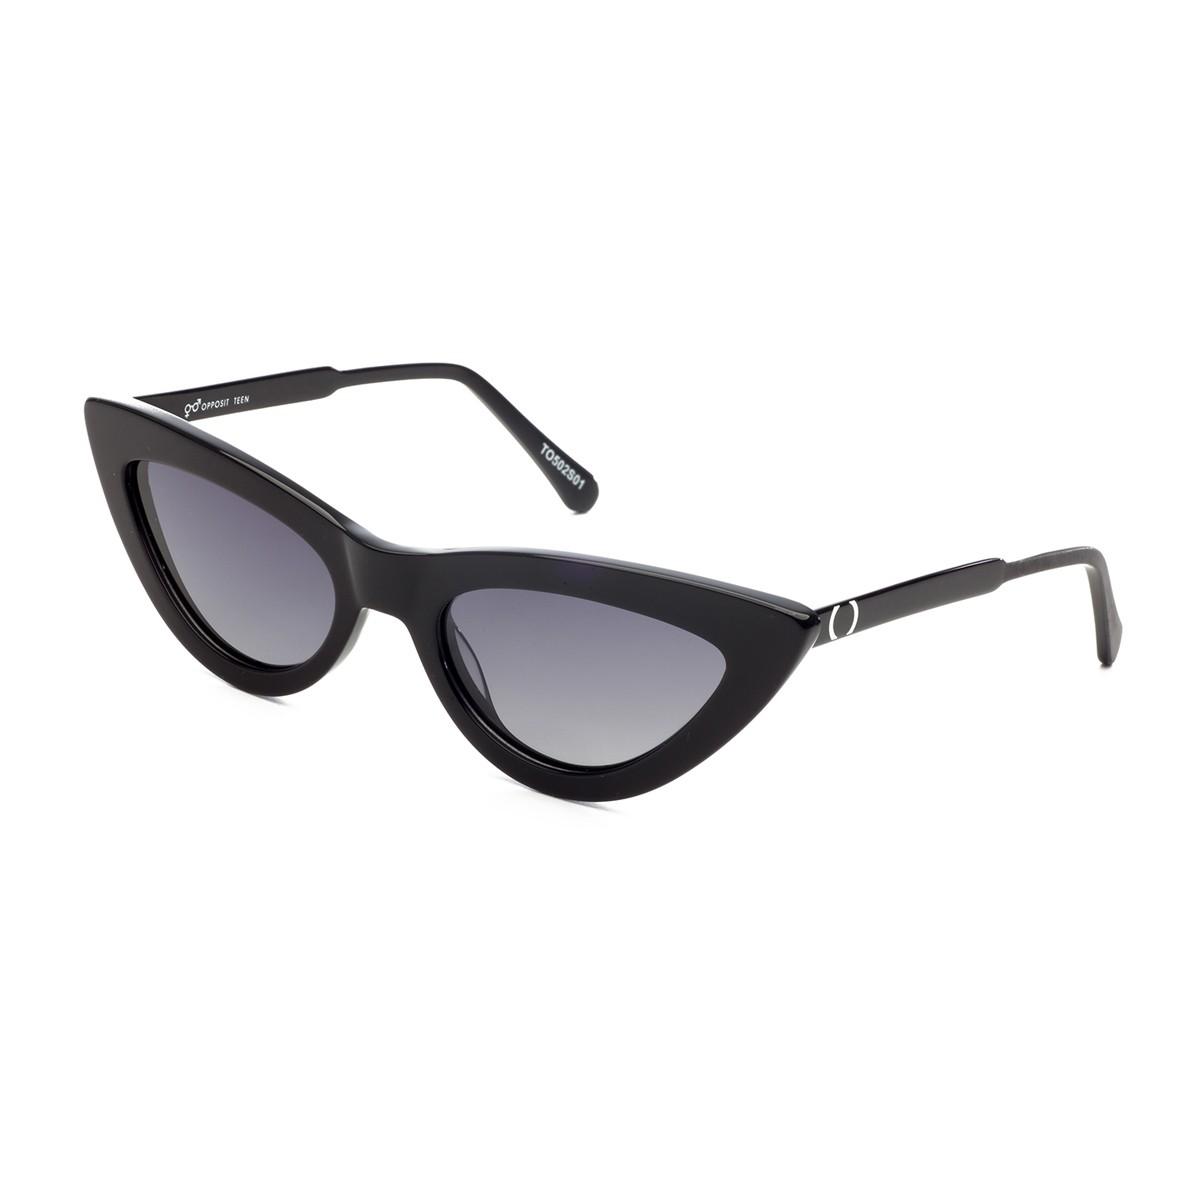 Opposit Teen TO502   Unisex sunglasses